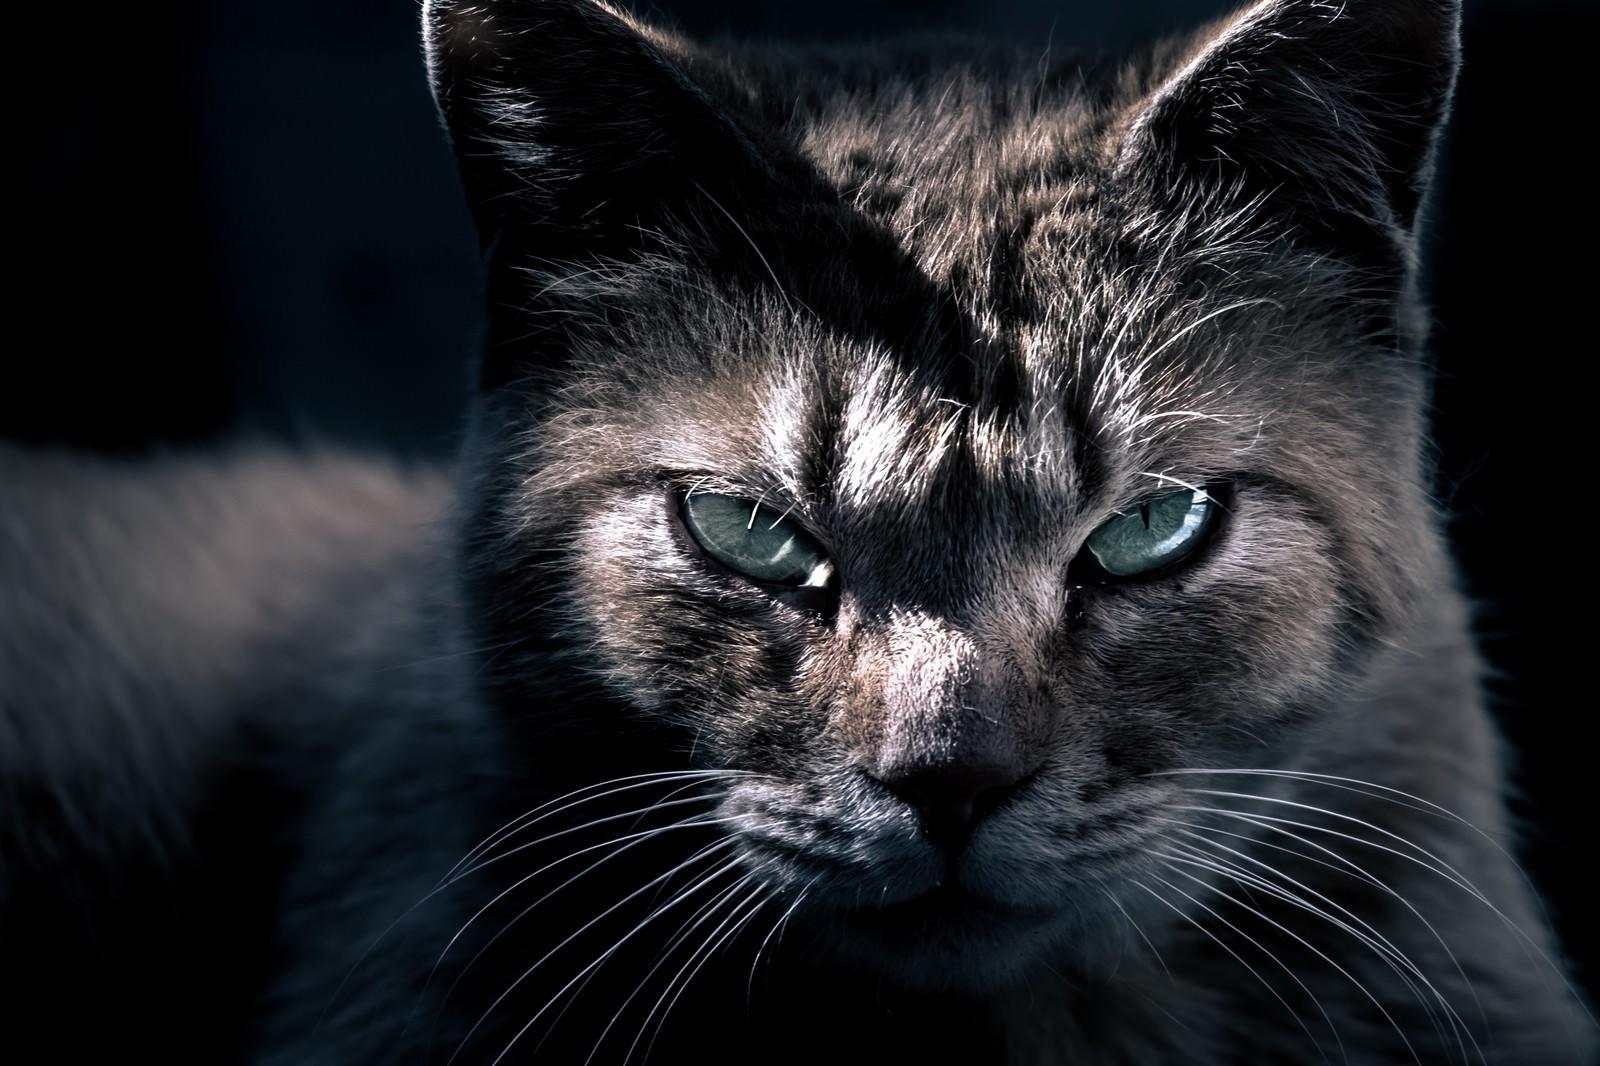 「眼光の鋭い猫眼光の鋭い猫」のフリー写真素材を拡大